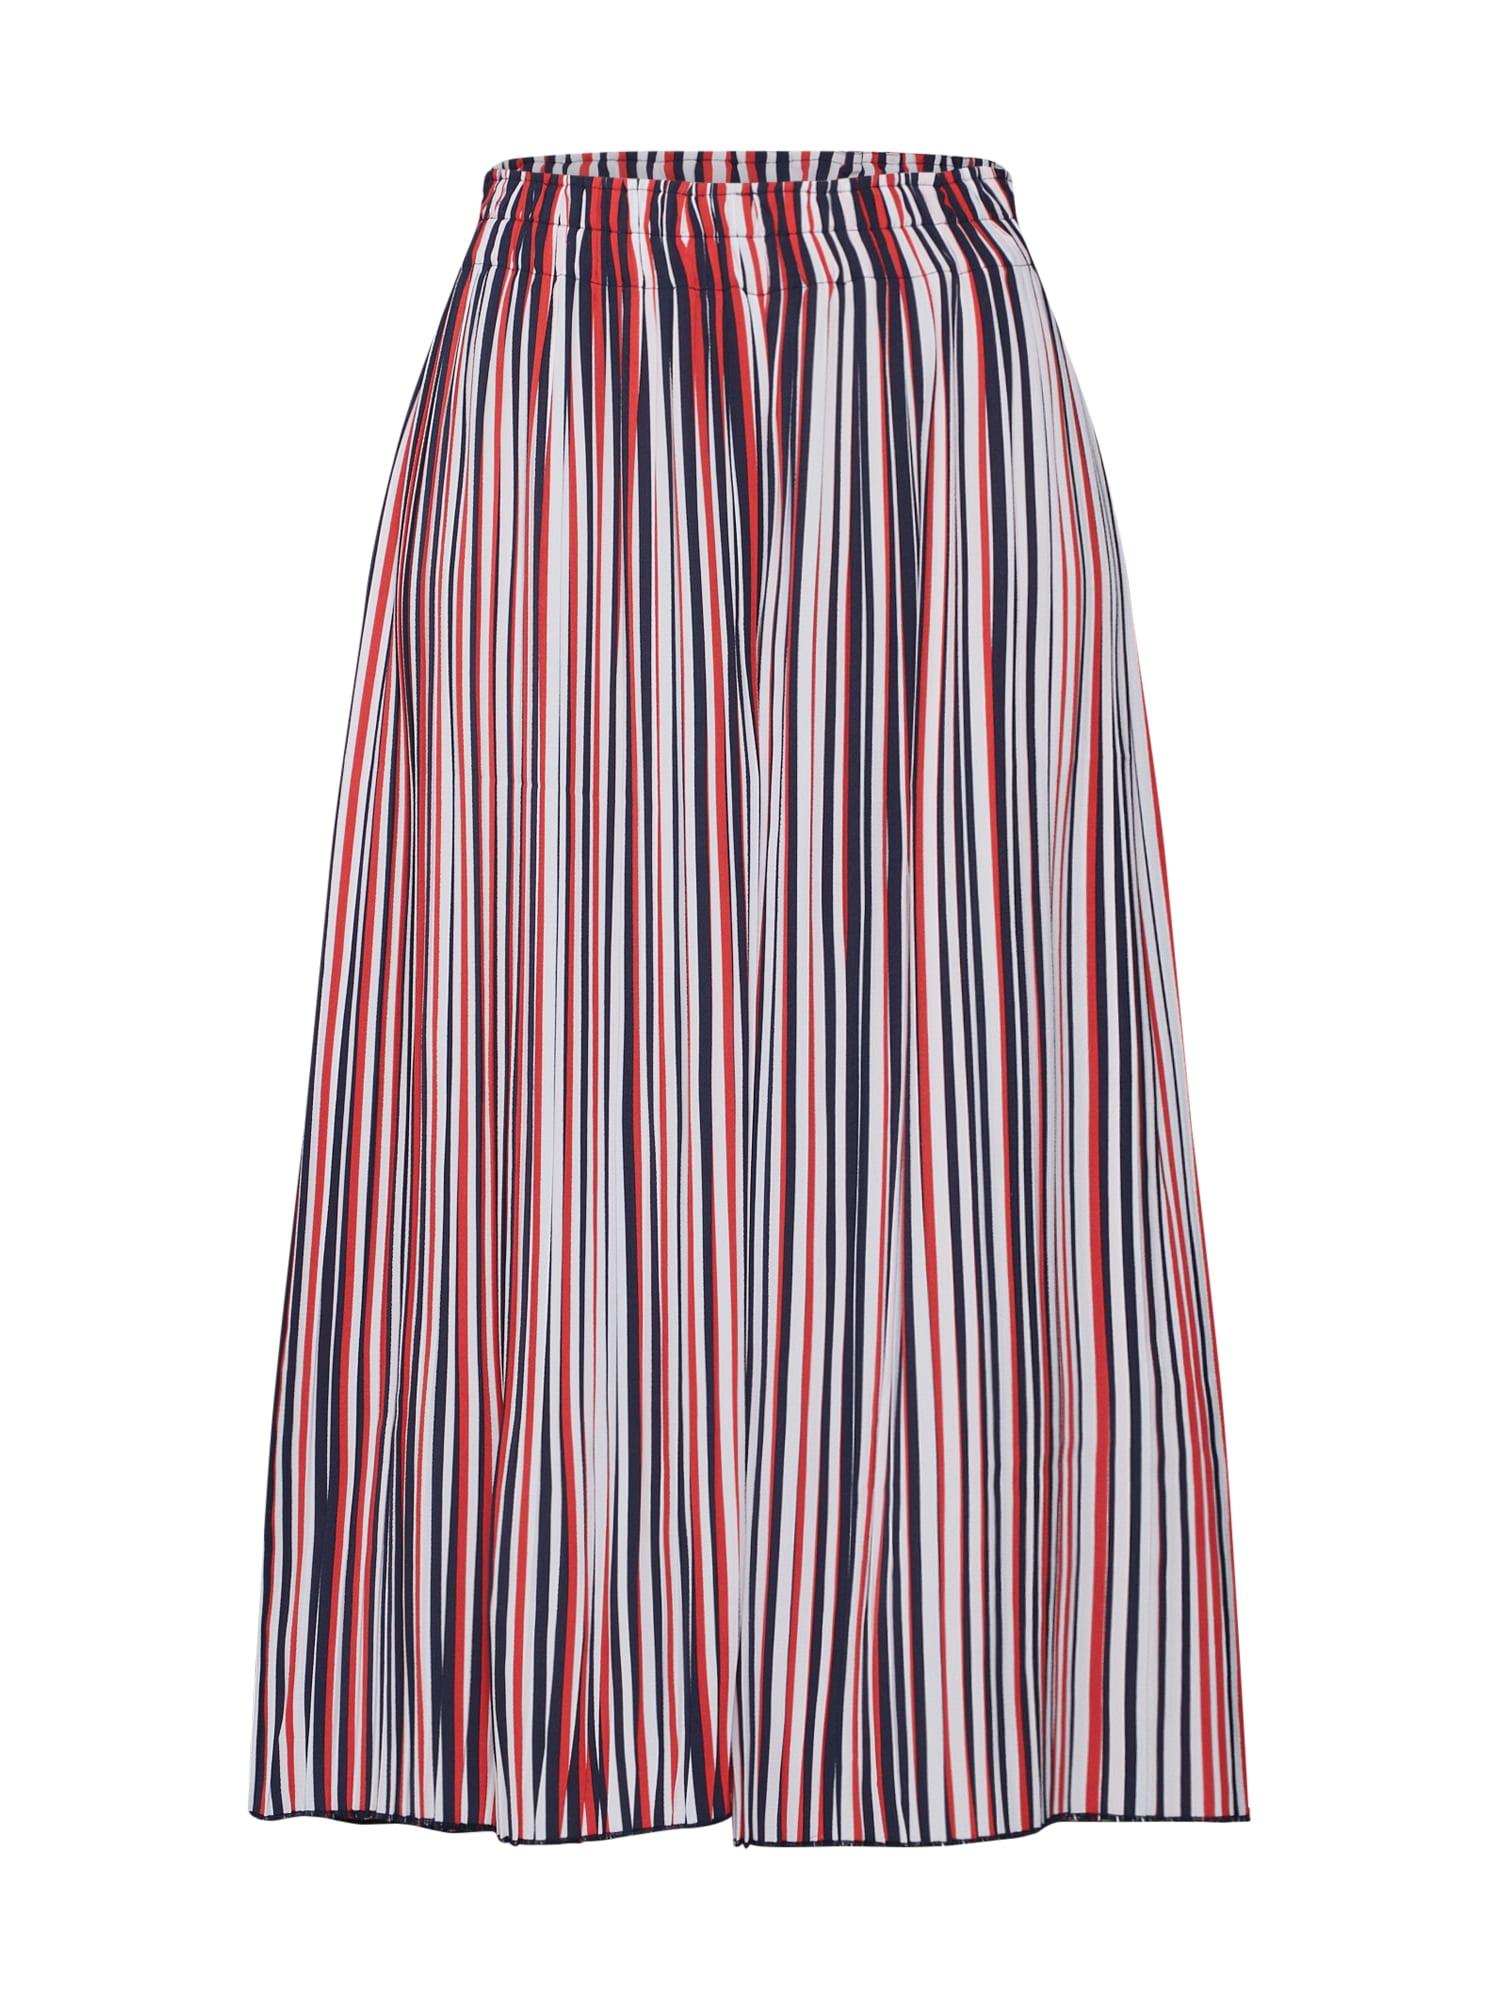 Kalhoty námořnická modř červená bílá Re.draft